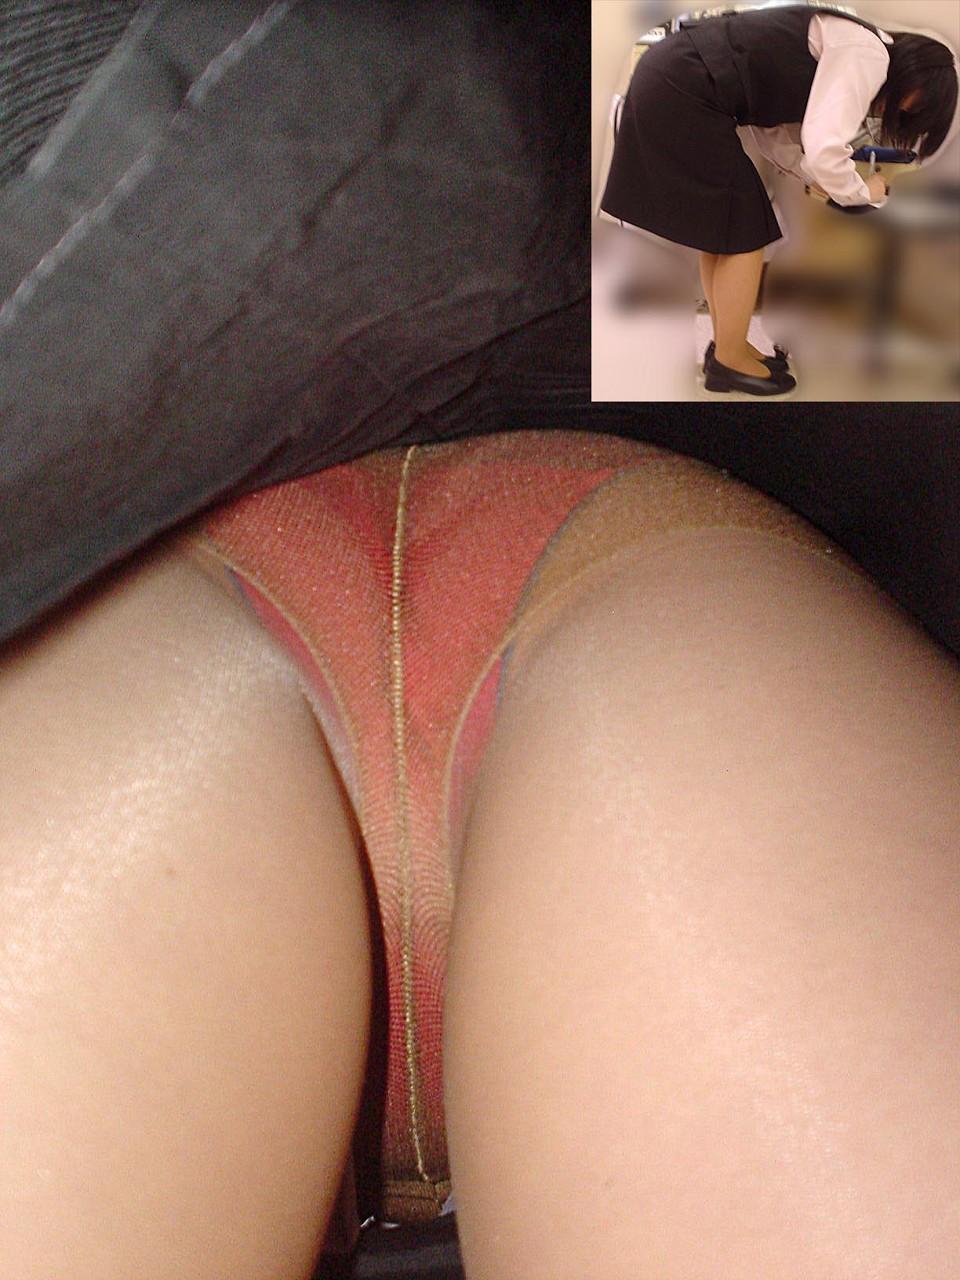 【パンチラ逆さ撮り】ムレてますwww勤務中の店員さんのスカートの中を暴く 17